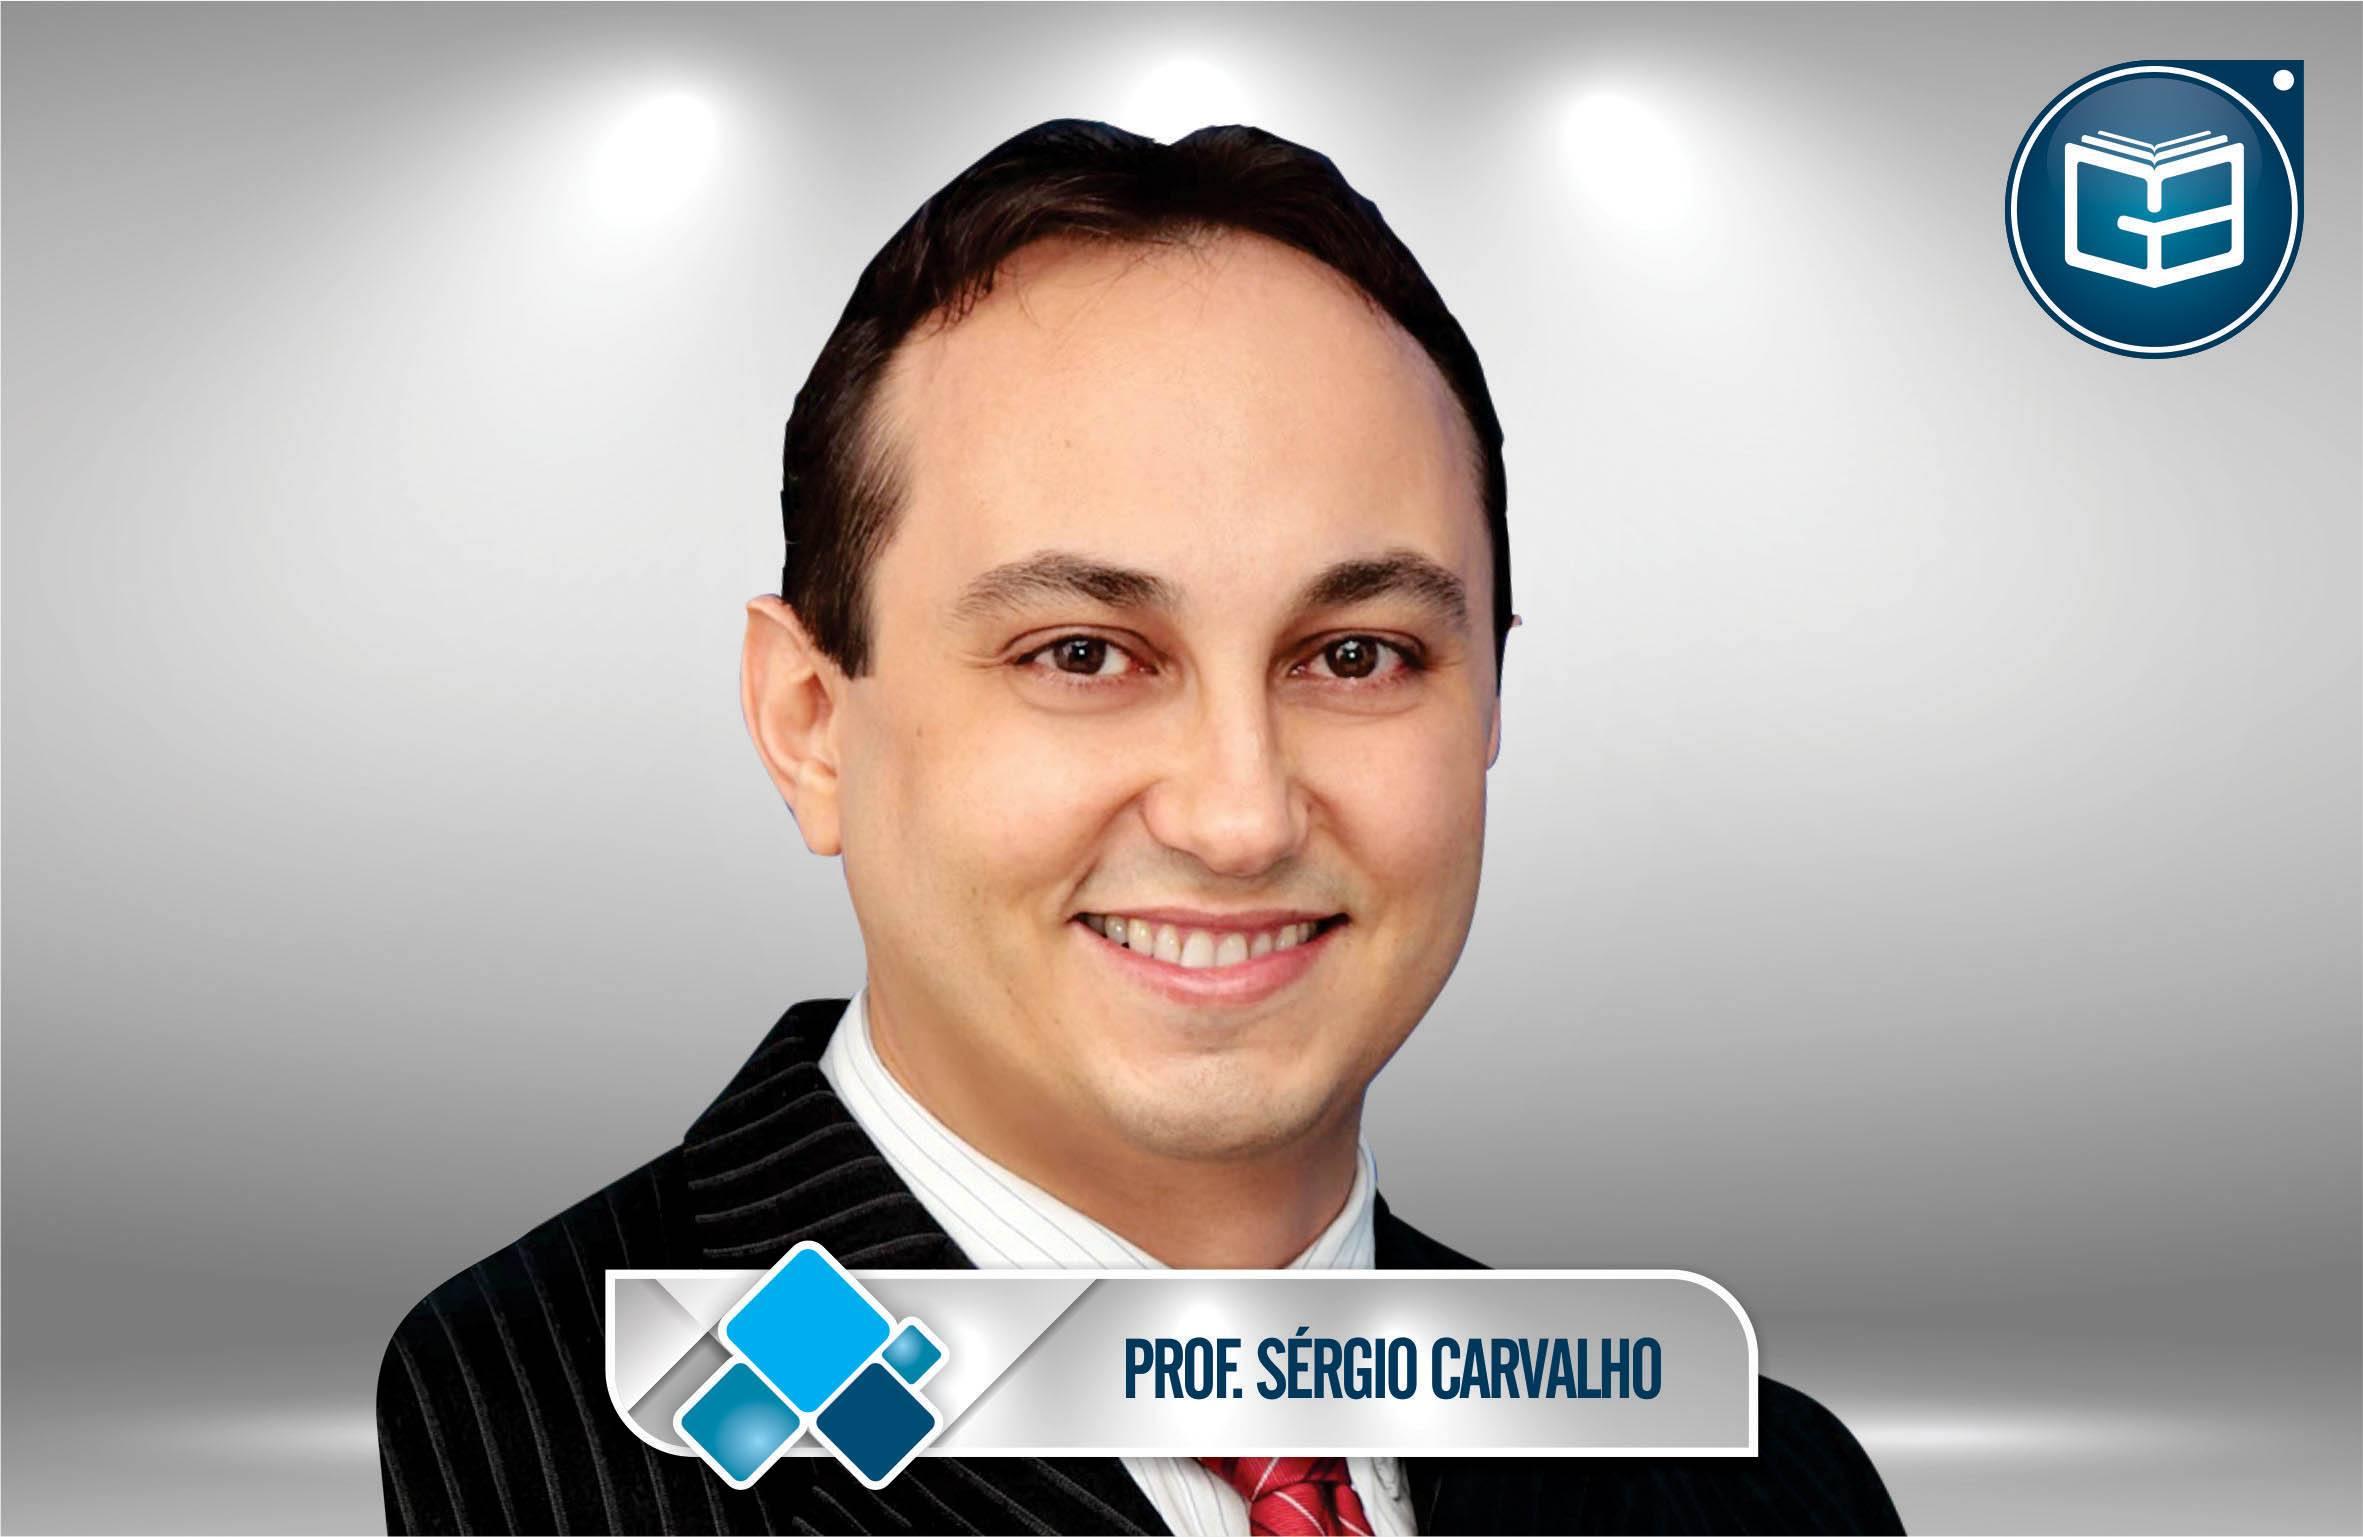 Raciocínio Lógico 01 - DEPEN - Professor Sérgio Carvalho